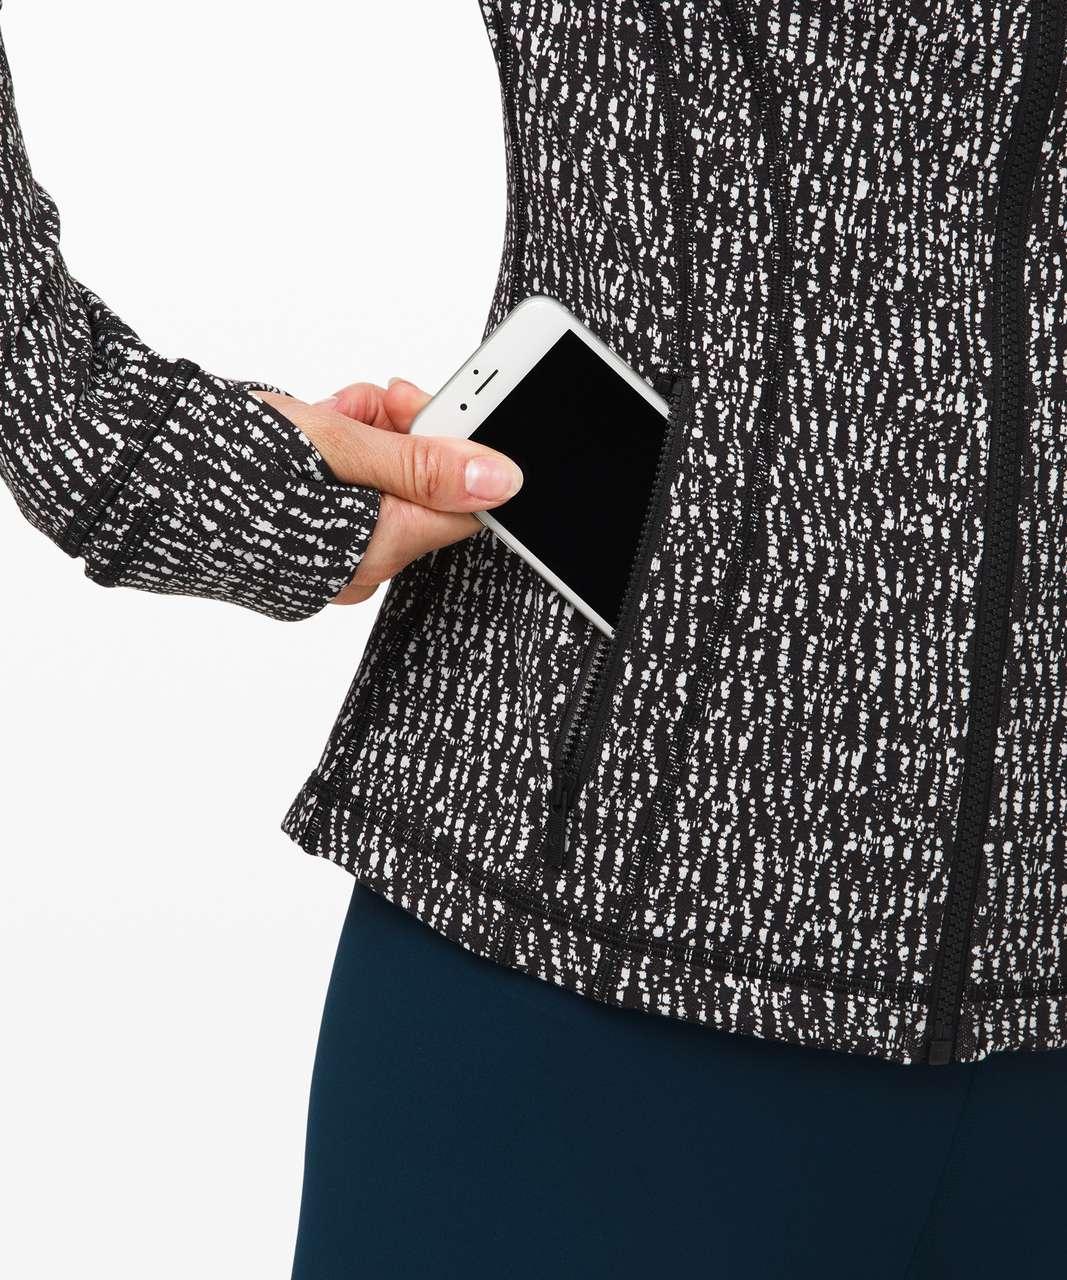 Lululemon Define Jacket - Knotted Jacquard Black White